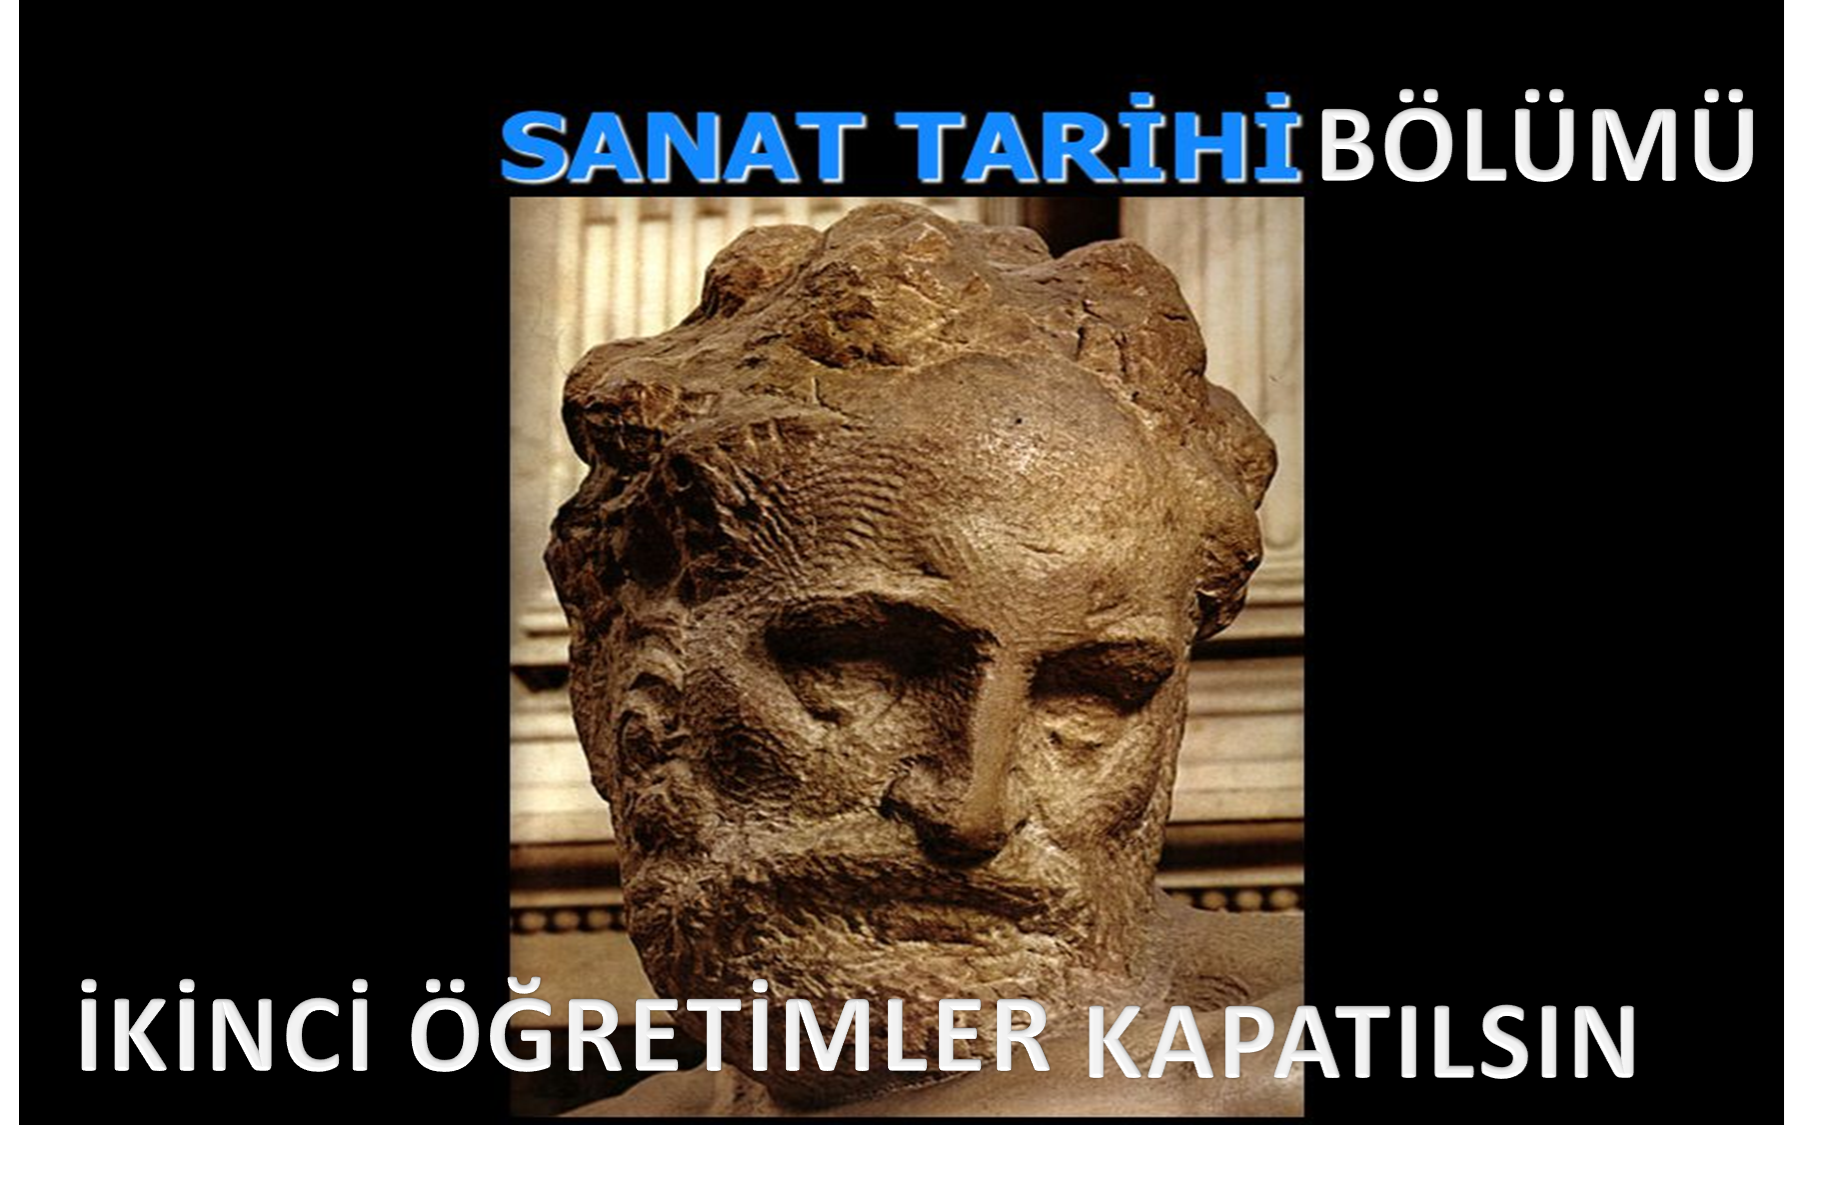 Sanat Tarihi Bölümü ikinci öğretimler kapatılsın!!!!